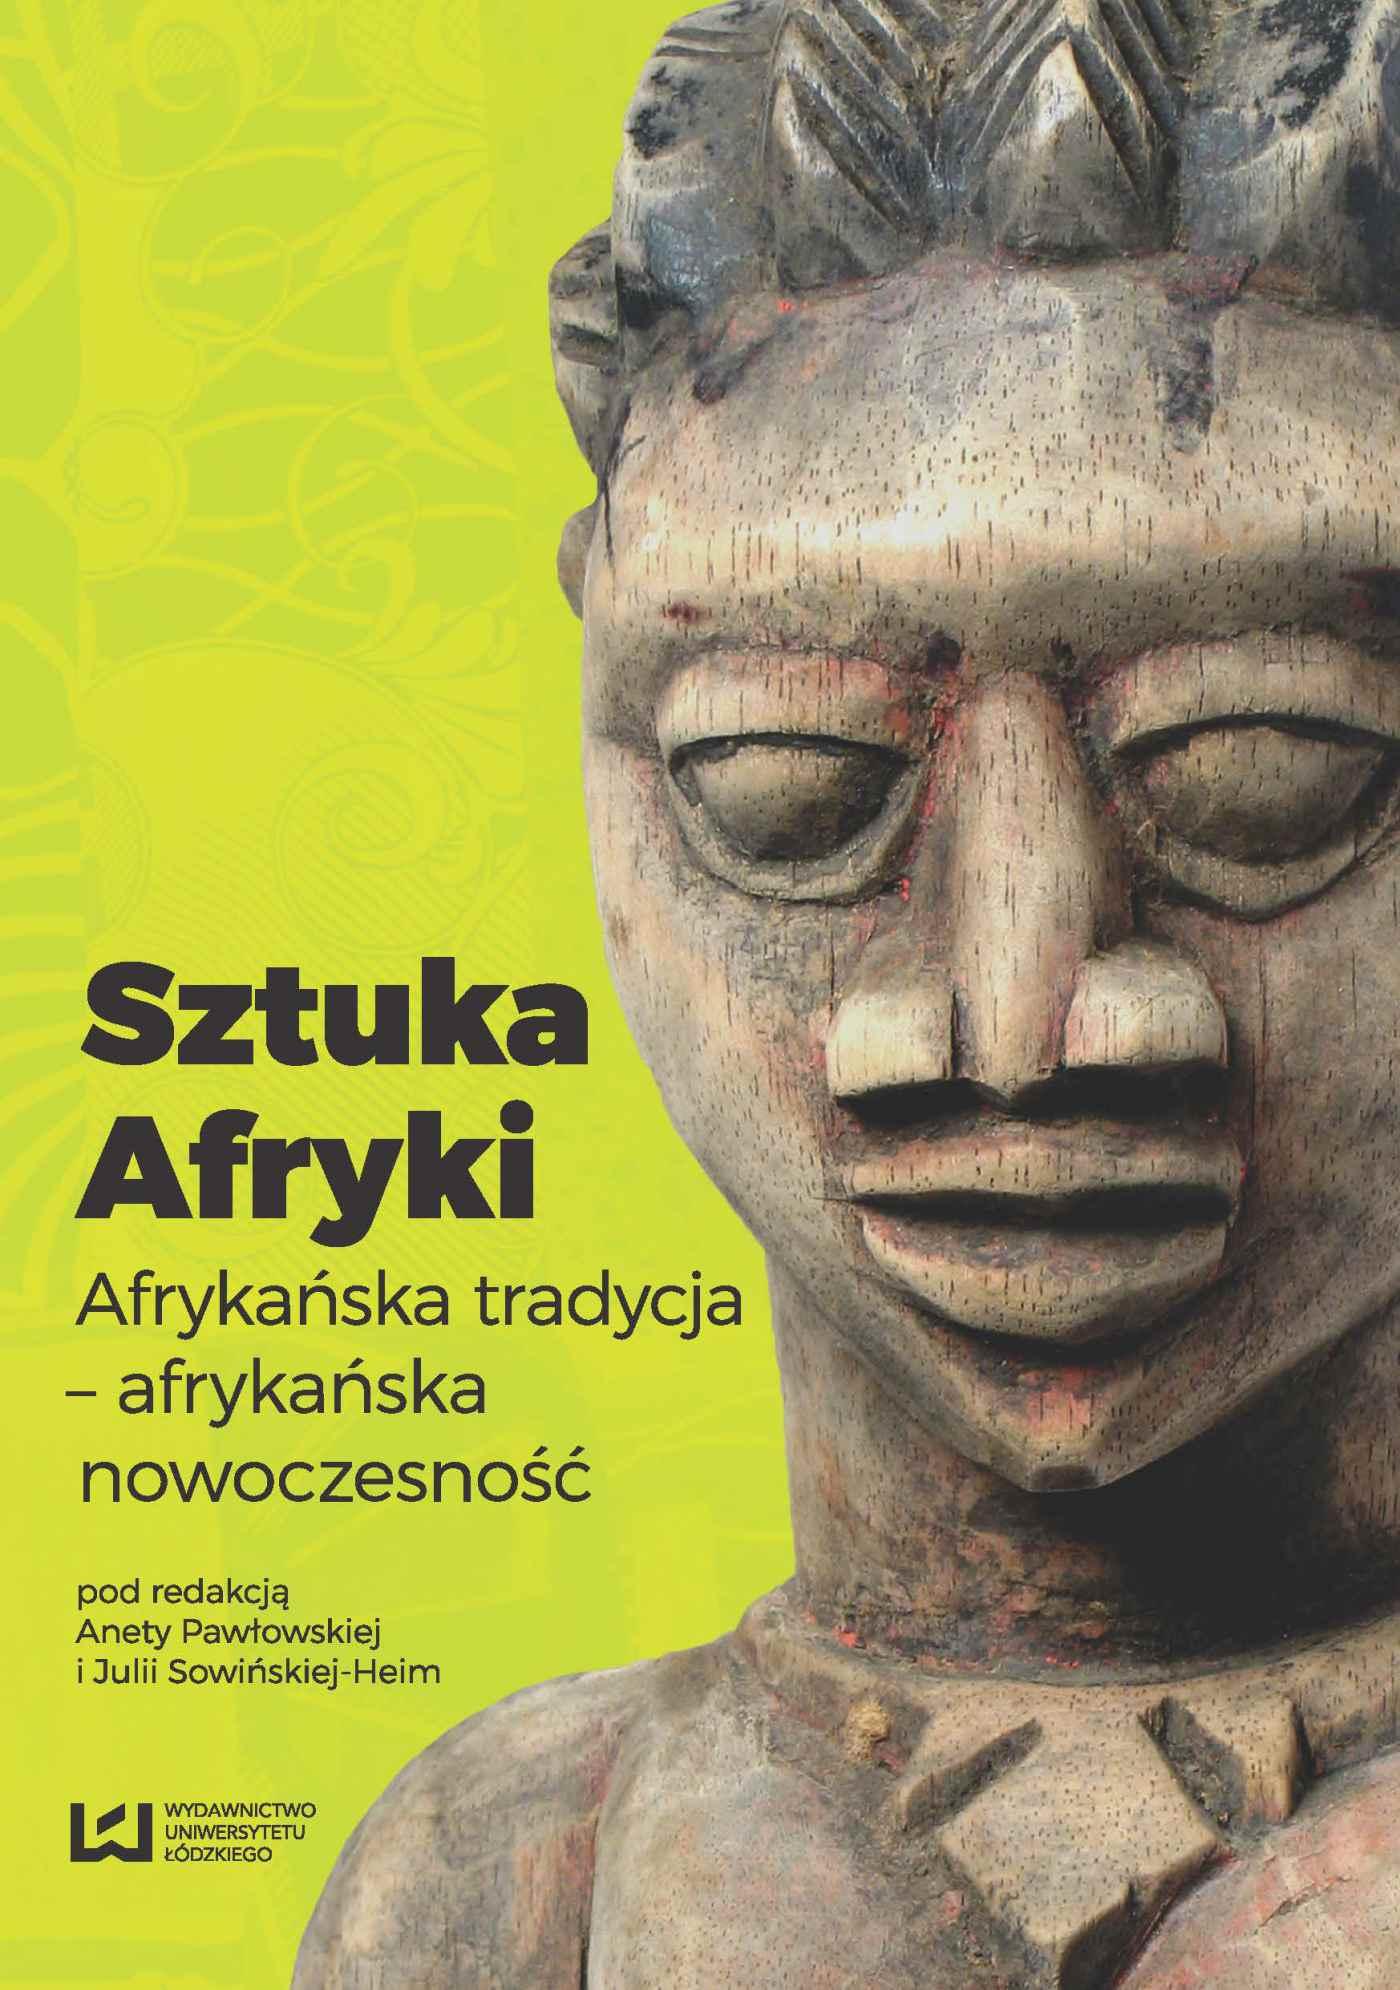 Sztuka Afryki. Afrykańska tradycja - afrykańska nowoczesność - Ebook (Książka na Kindle) do pobrania w formacie MOBI